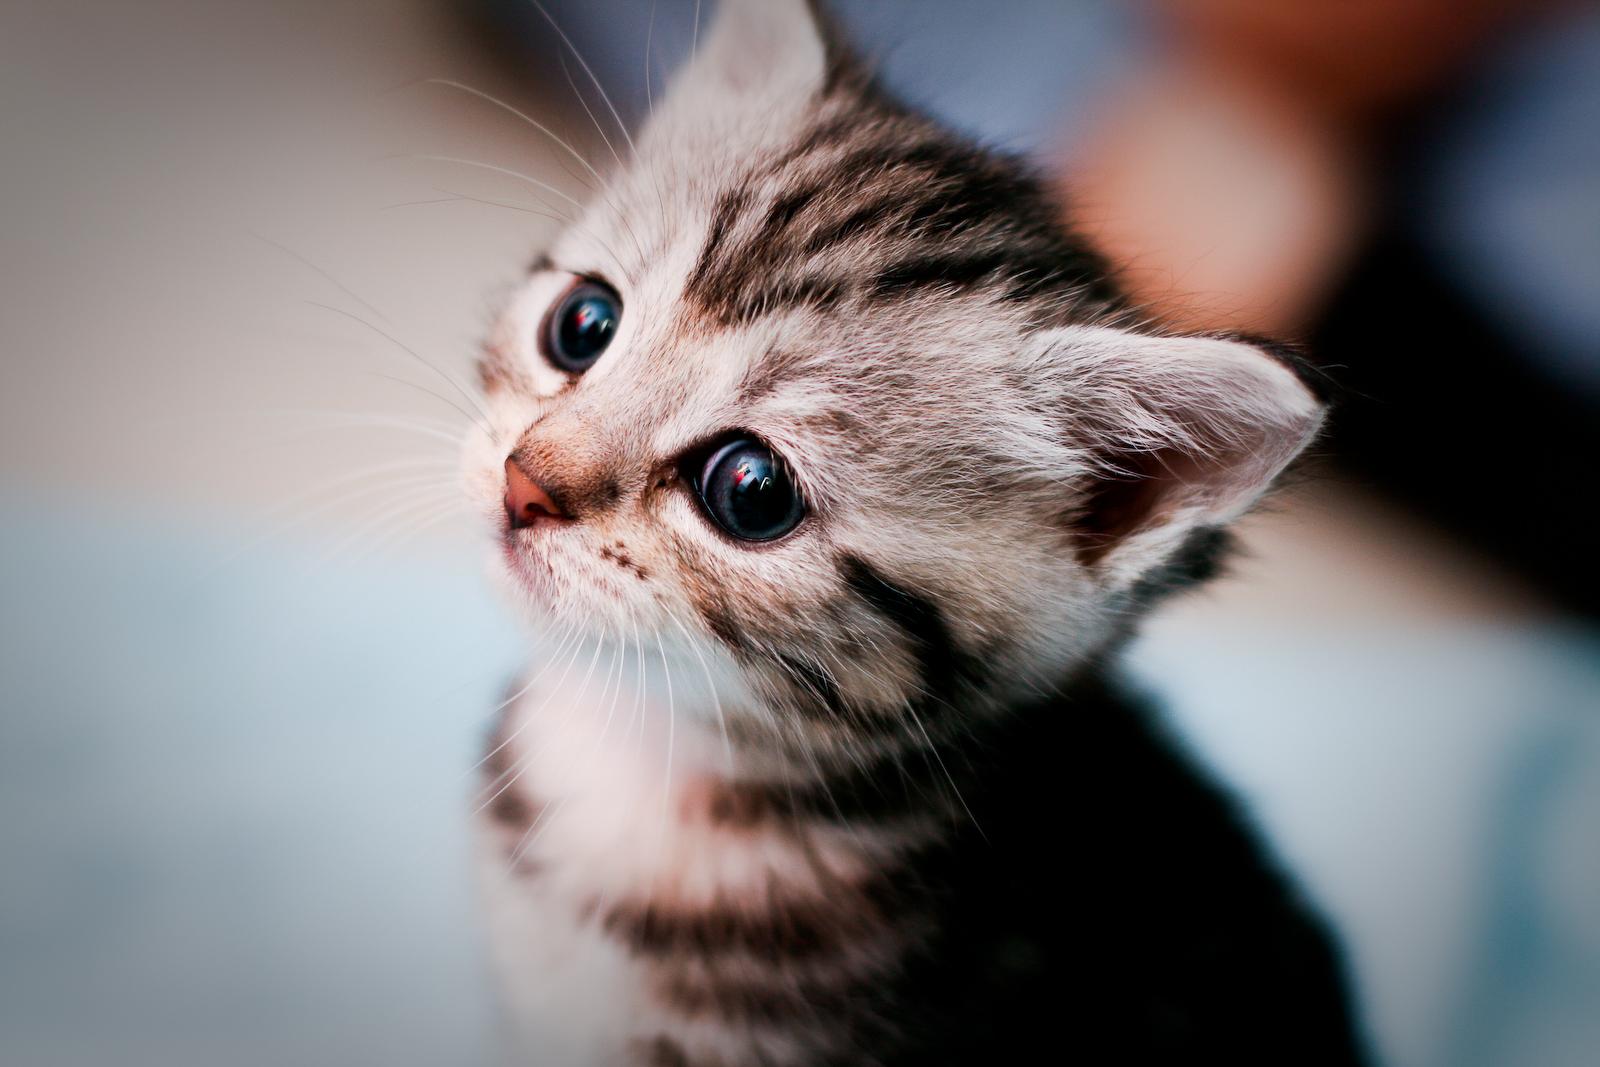 Ảnh mèo đáng yêu nhất